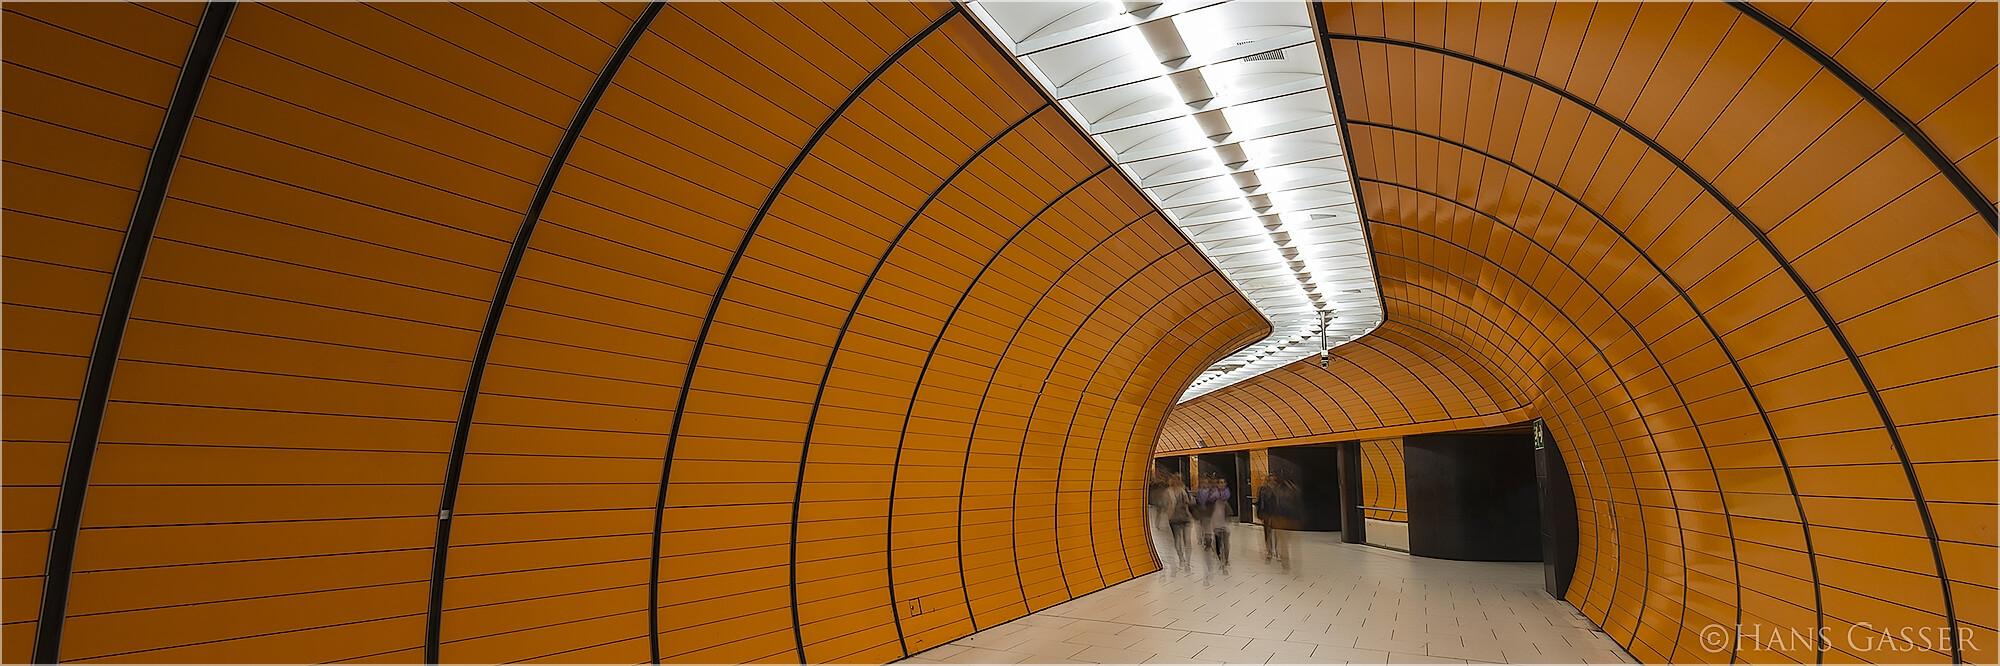 Panoramafoto Marienplatz München U-Bahn Station